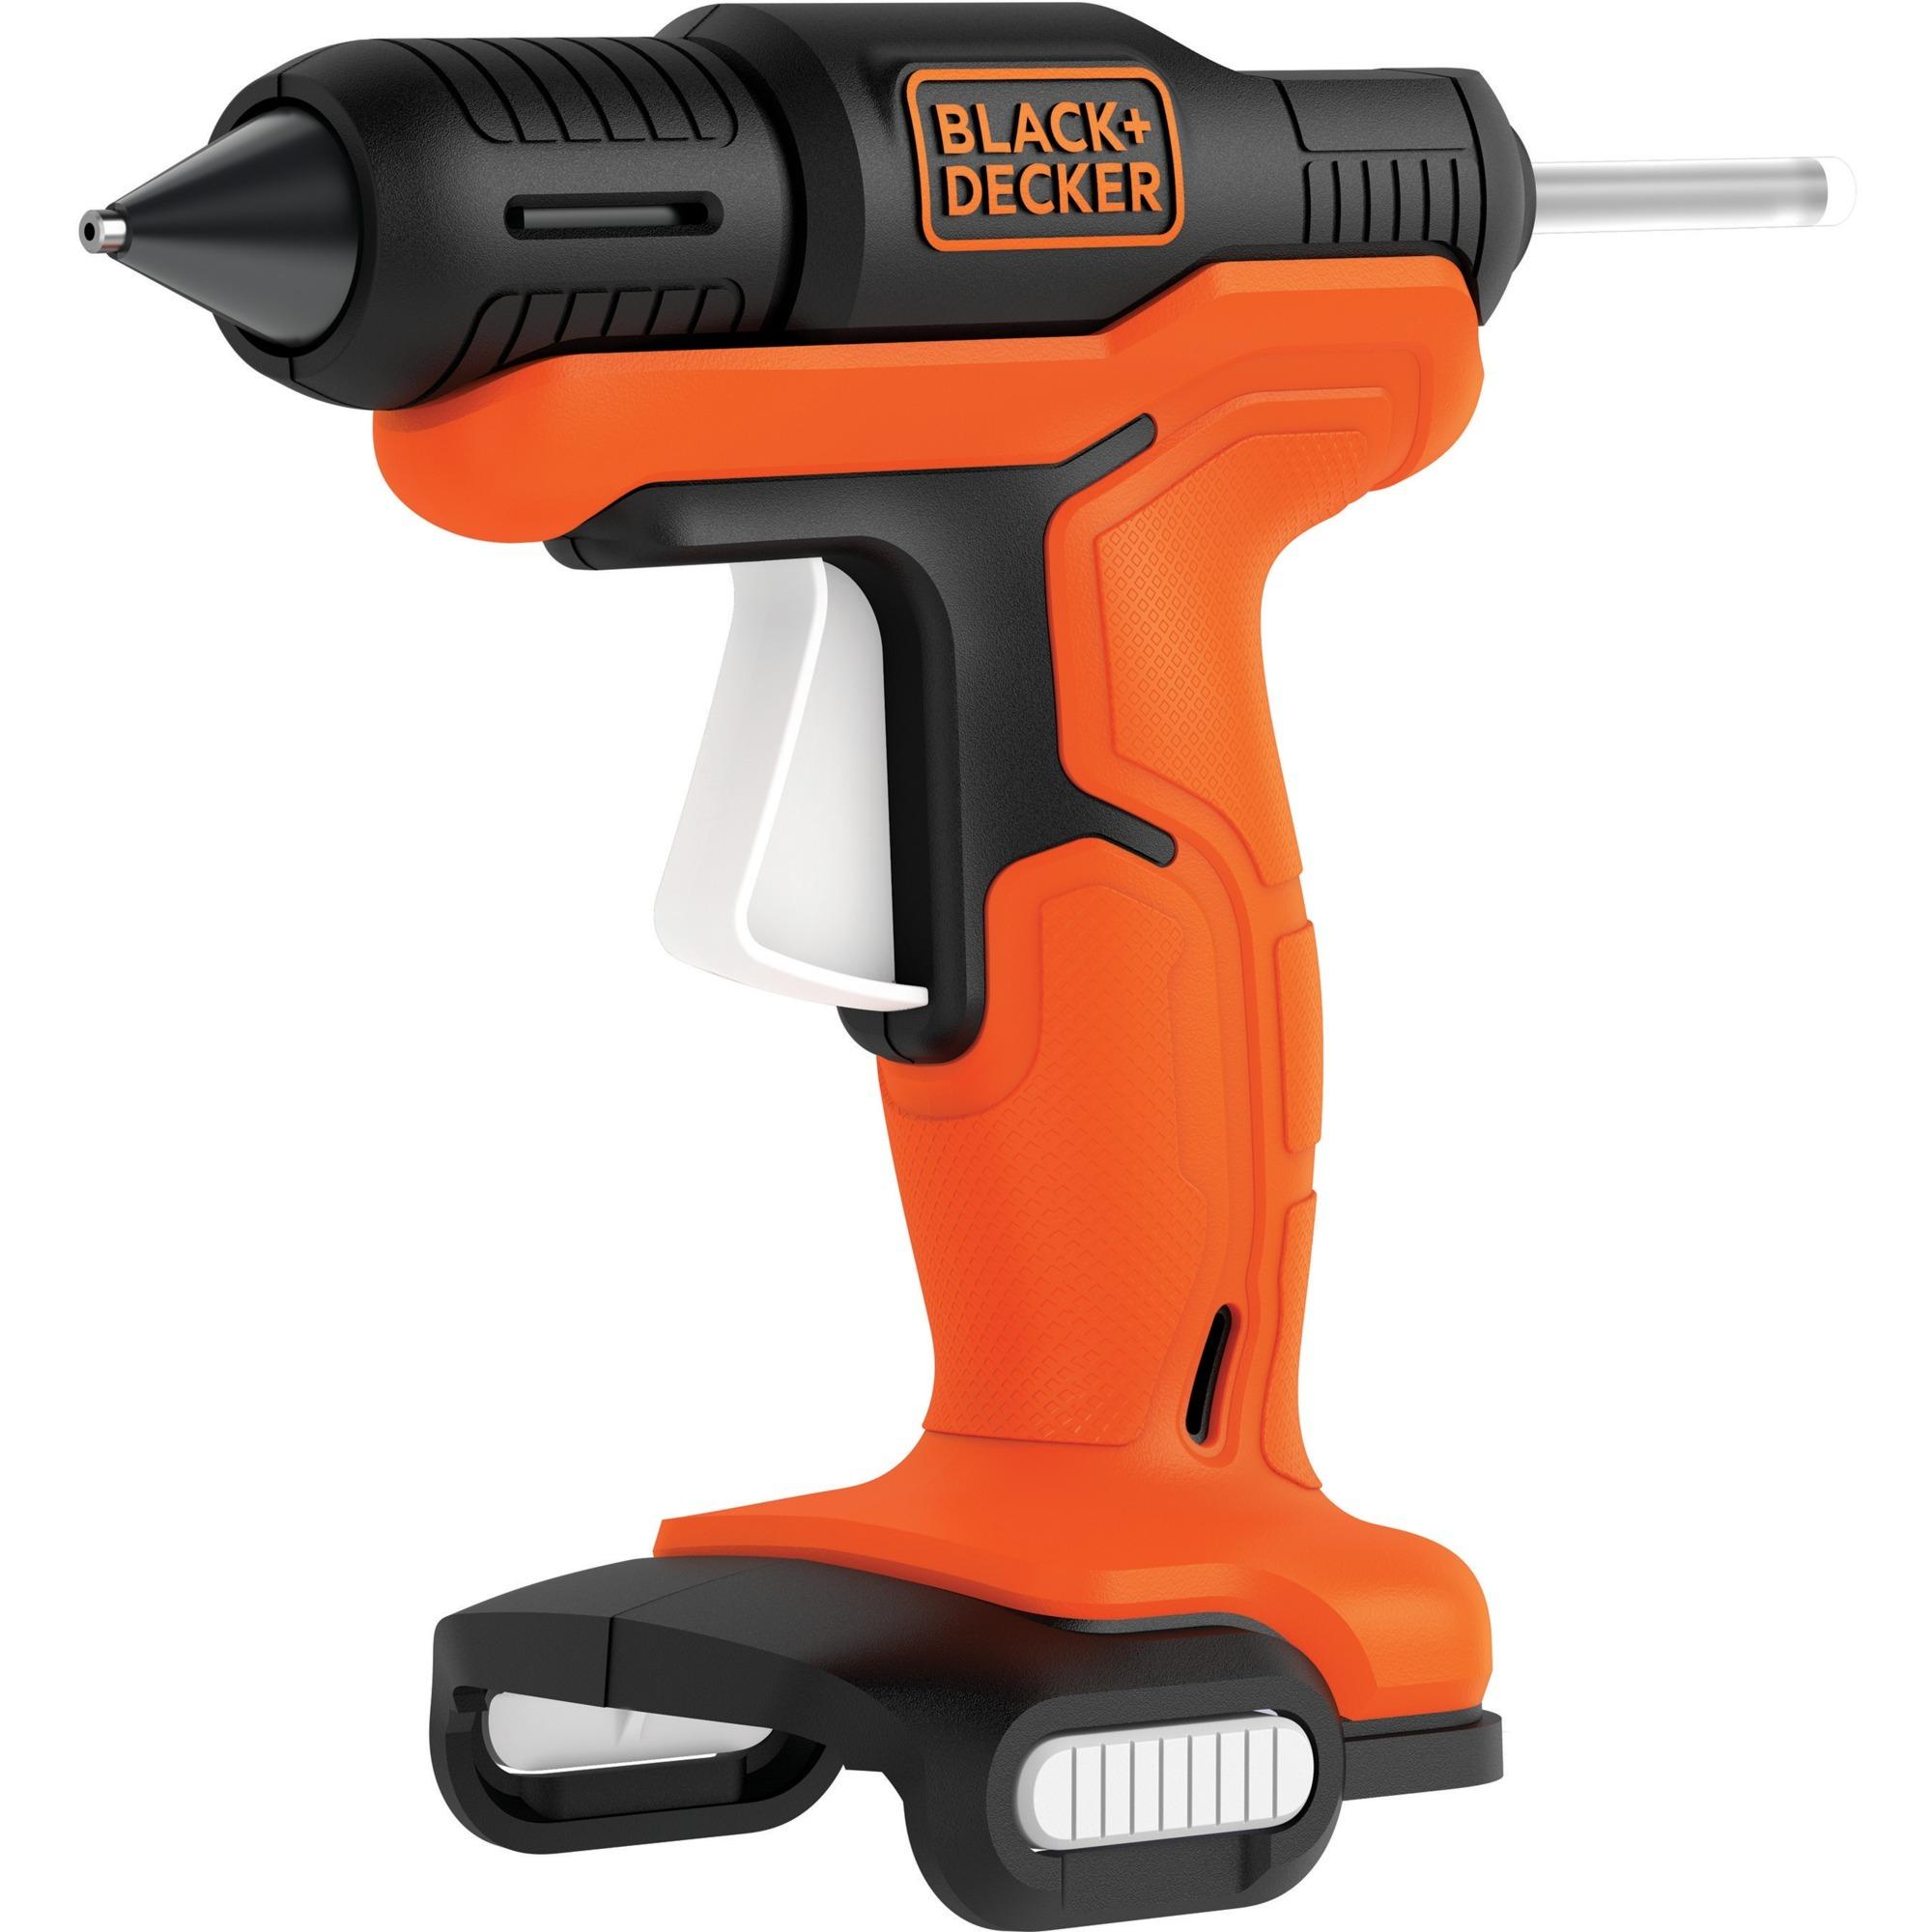 BDCGG12N hot glue gun/pen Negro, Naranja, Pistolas termoencoladoras